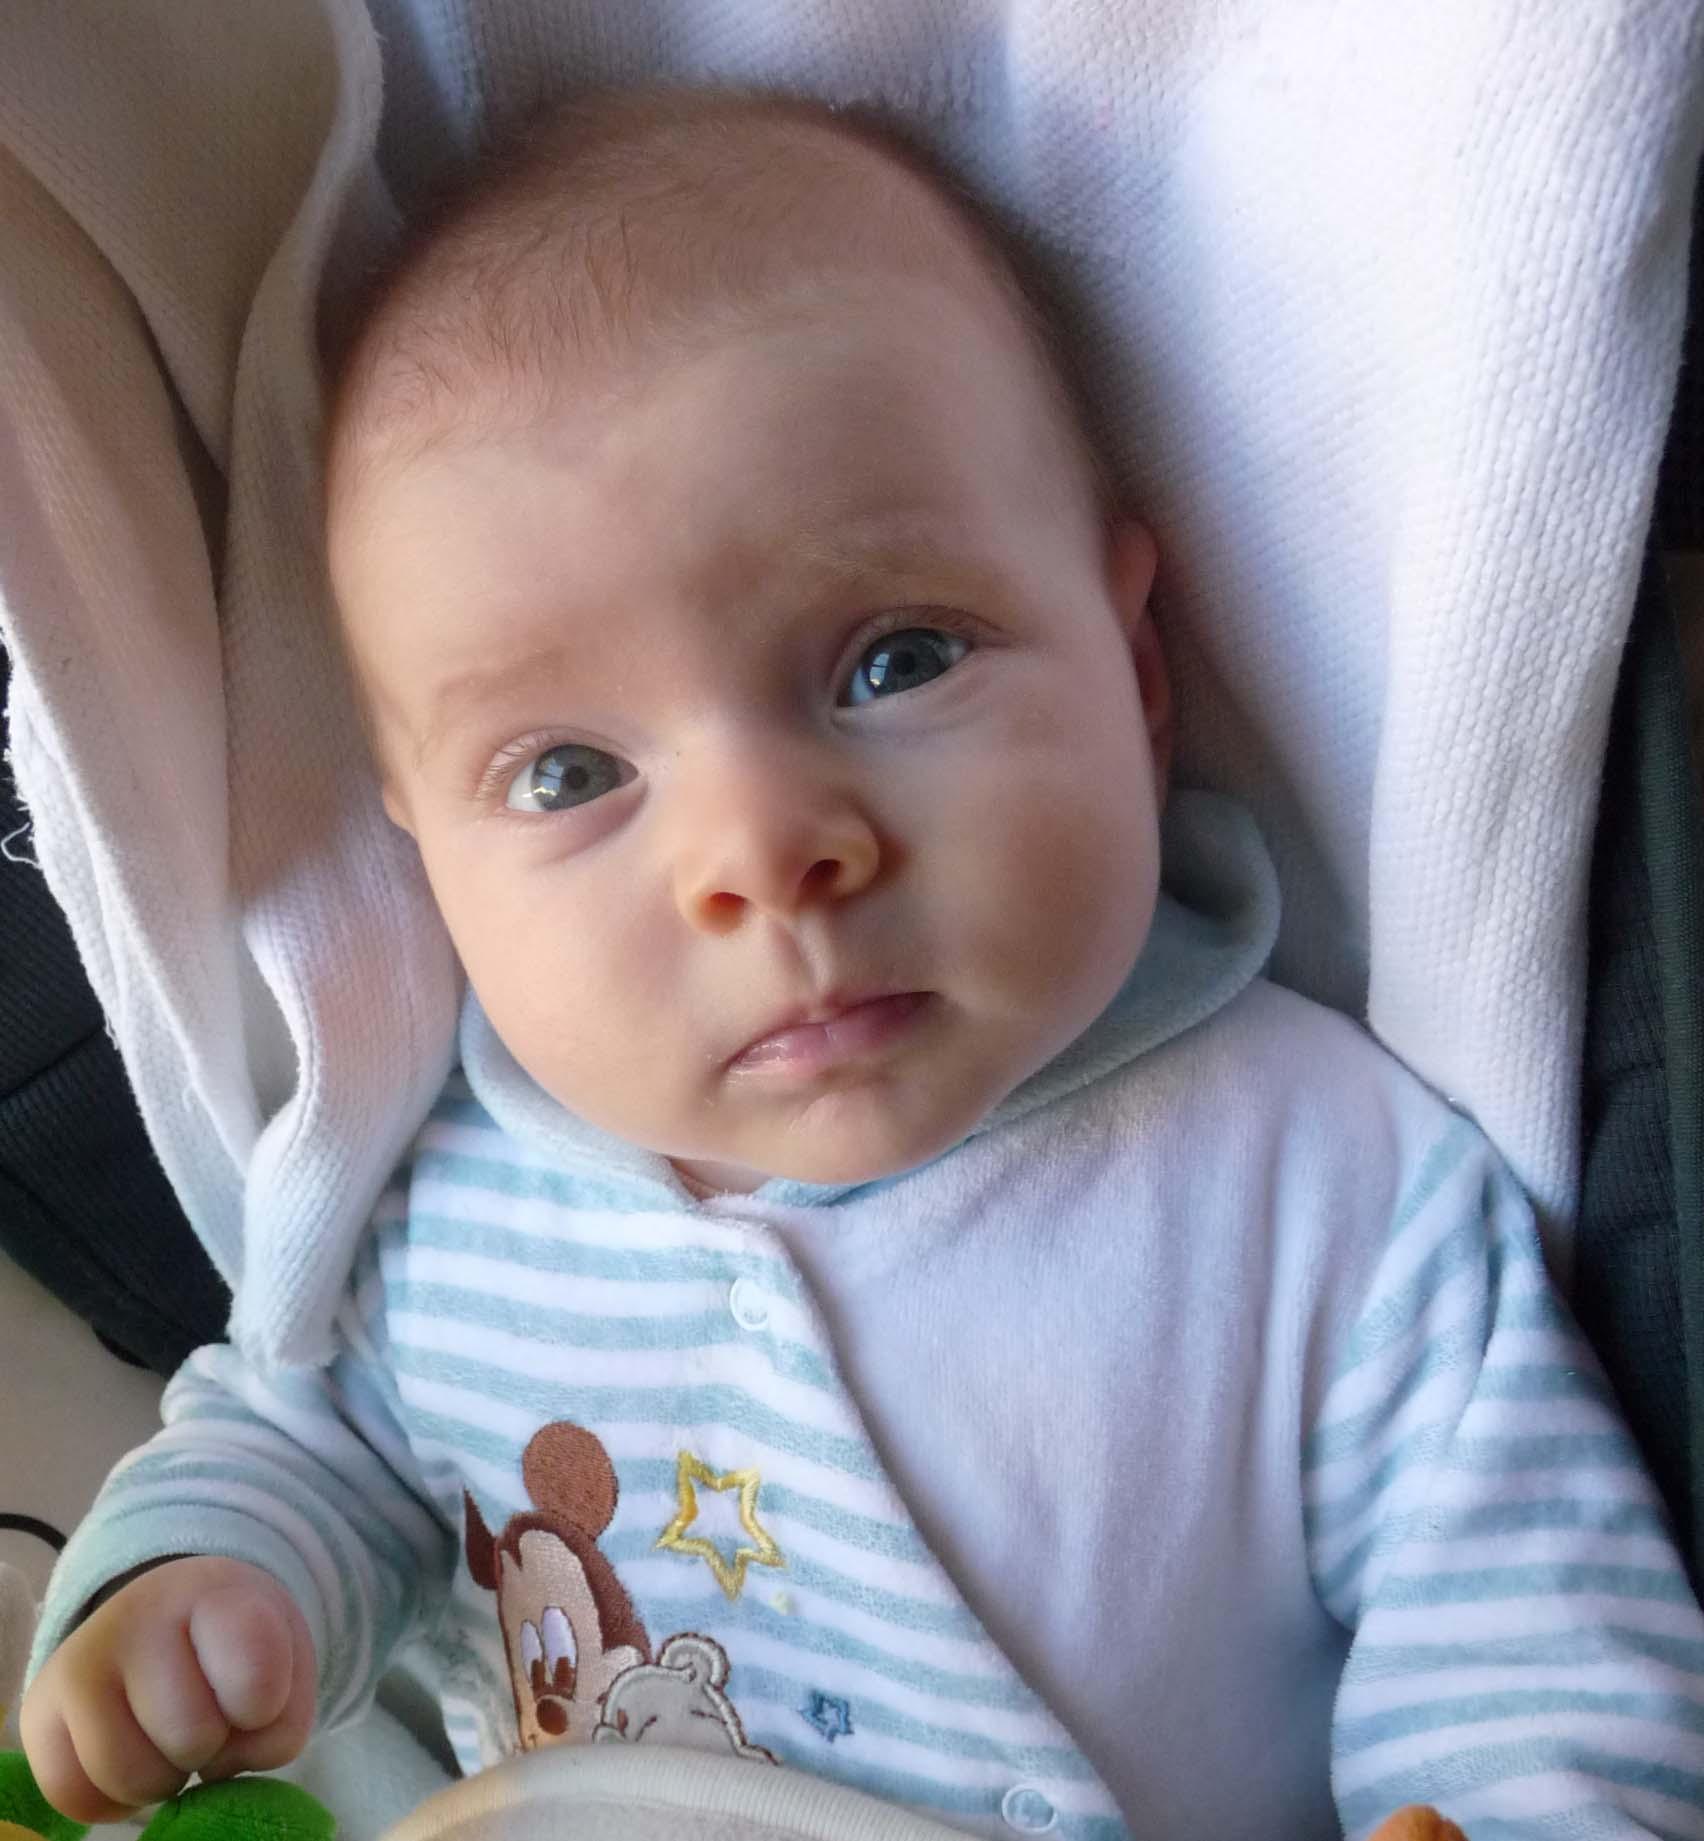 Syndrome Du Bébé Secoué Les Jeux - Syndrome Du Bébé Secoué avec Jeux De Bébé Garçon